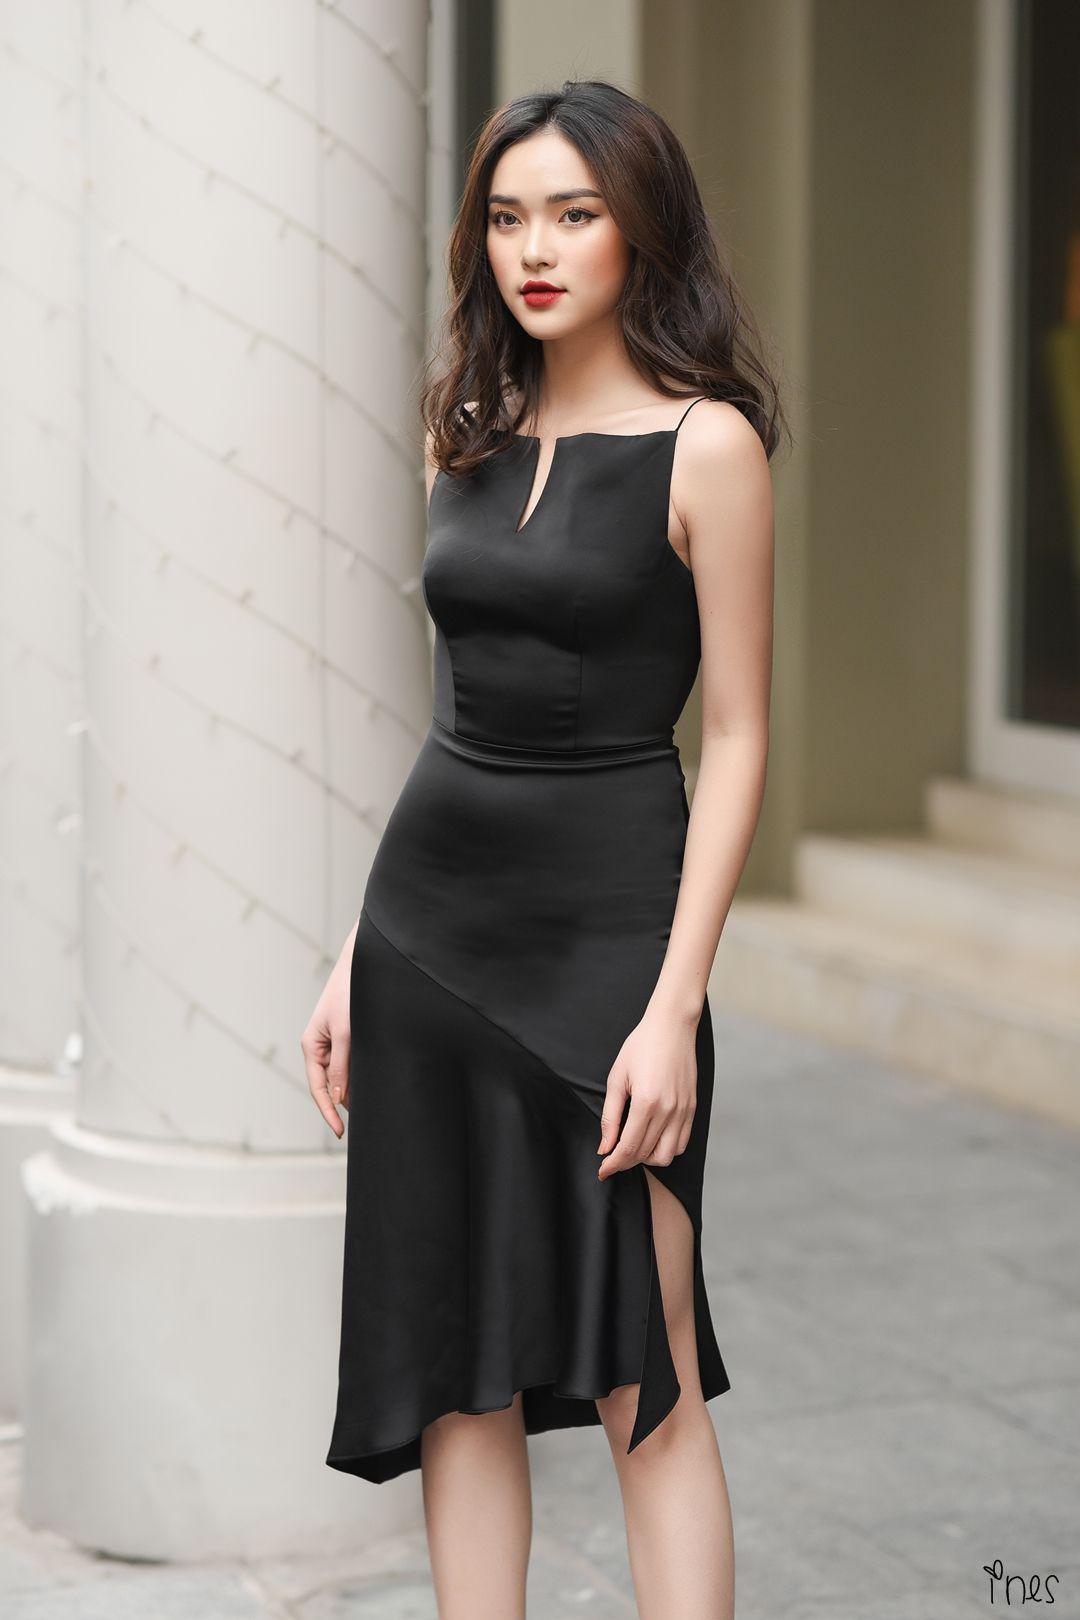 #inesclothing #inesgirl  #igfashion #fashioninspo #liketkit #fashiondaily #outfitideas